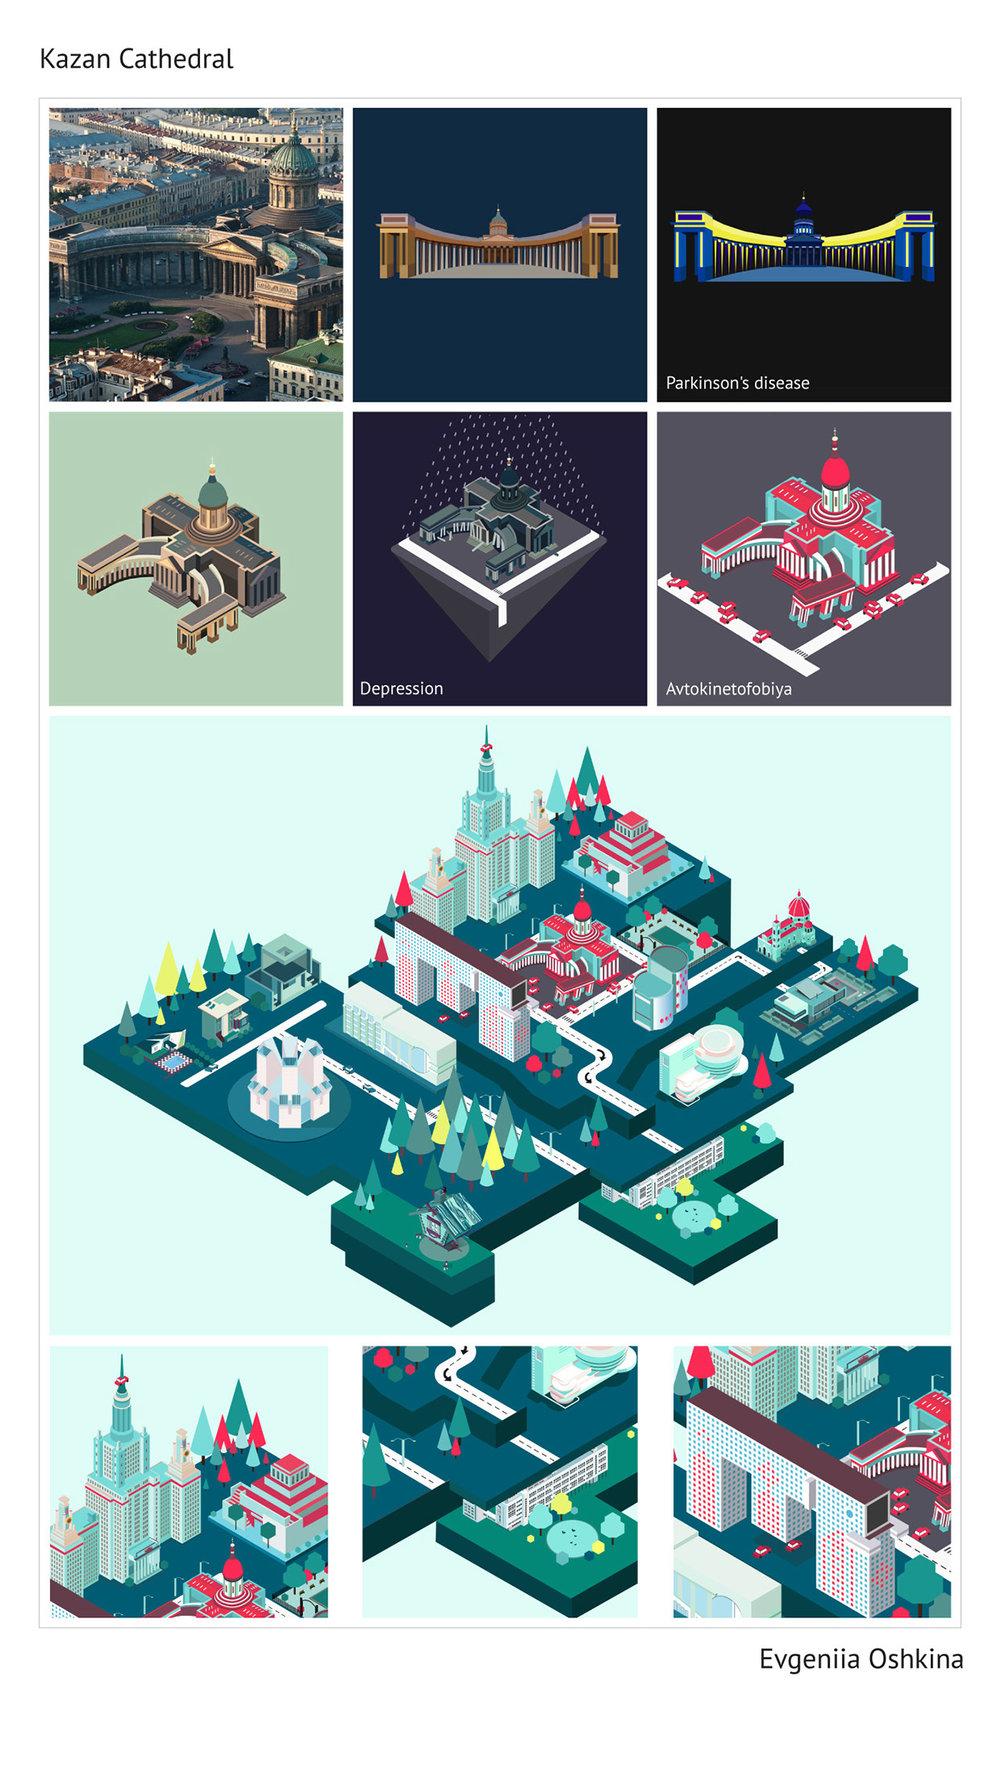 bhsad2015-citiesdisorder-2oshkina